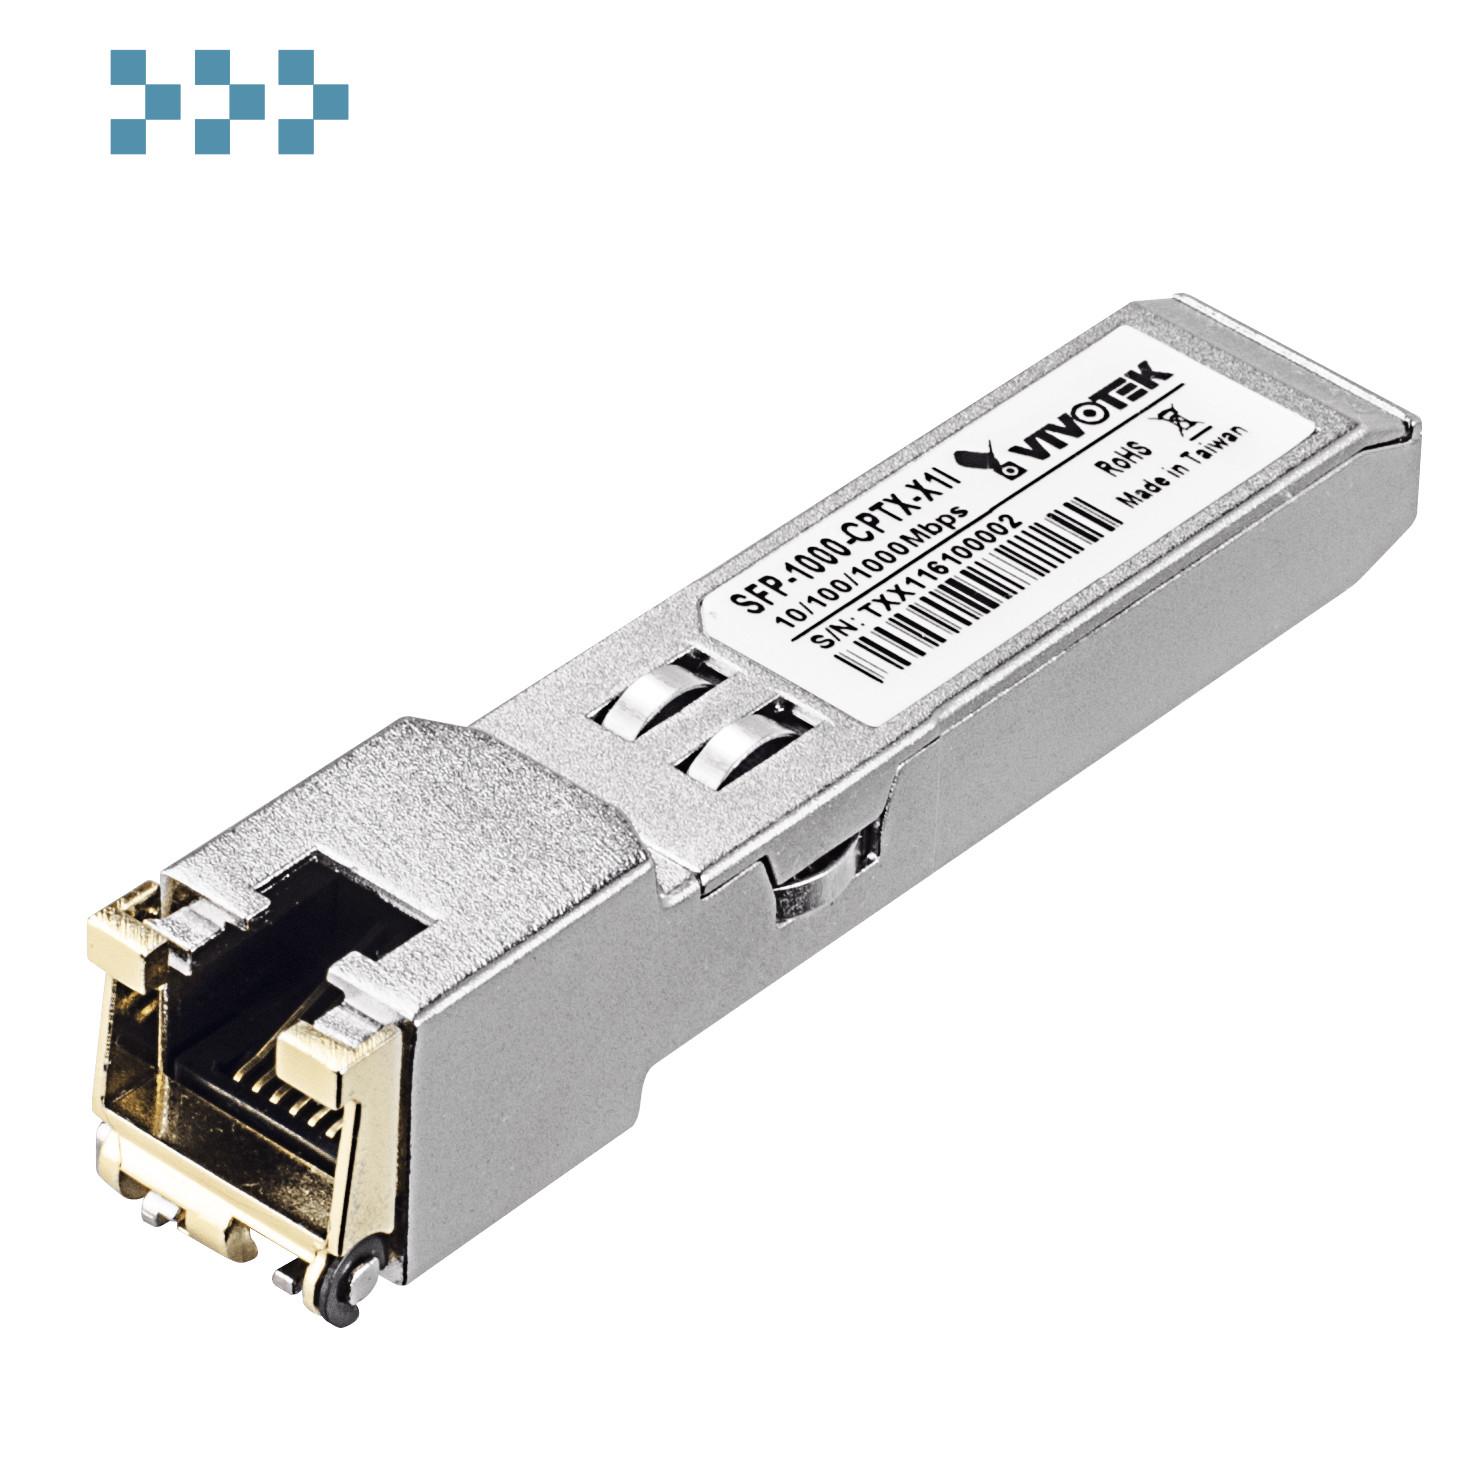 SFP-трансивер VIVOTEK SFP-1000-CPTX-X1I